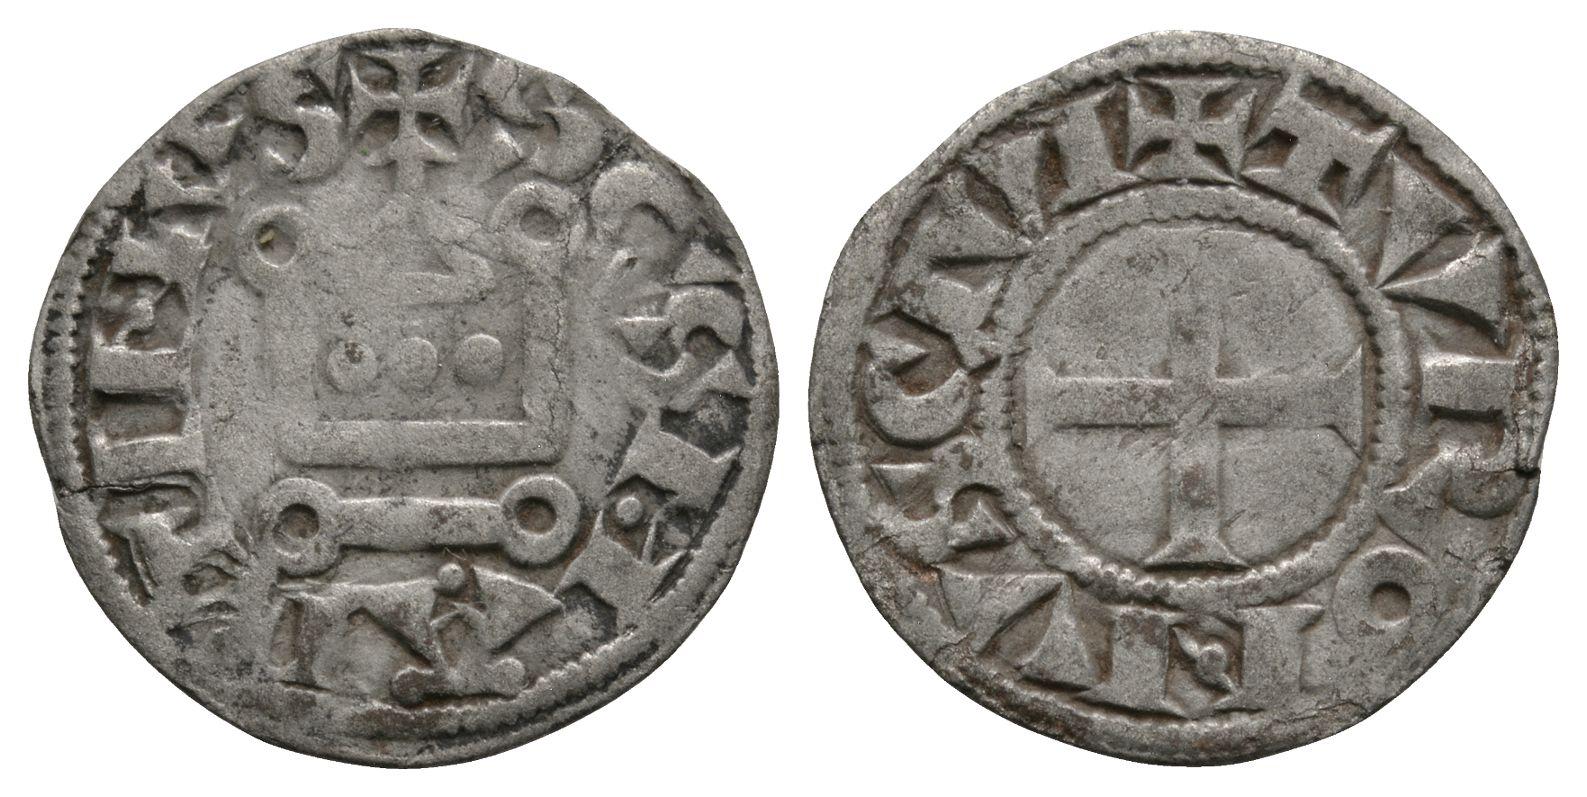 World Coins - France - St Martin de Tours - Chapel Denier Tournois